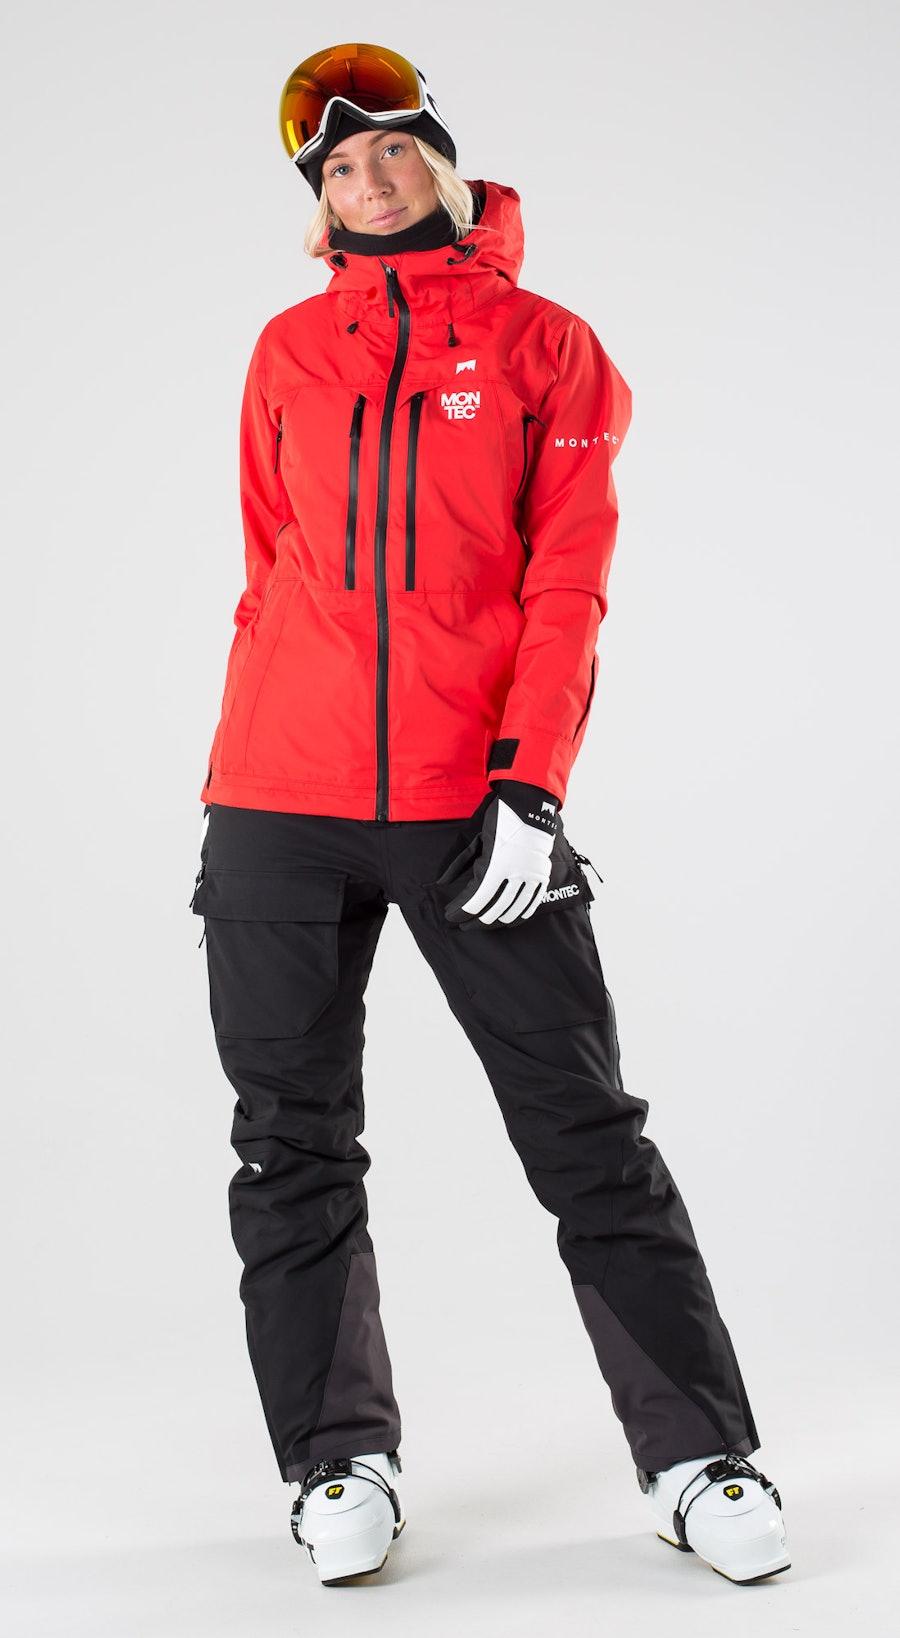 Montec Moss Red Abbigliamento da sci Multi